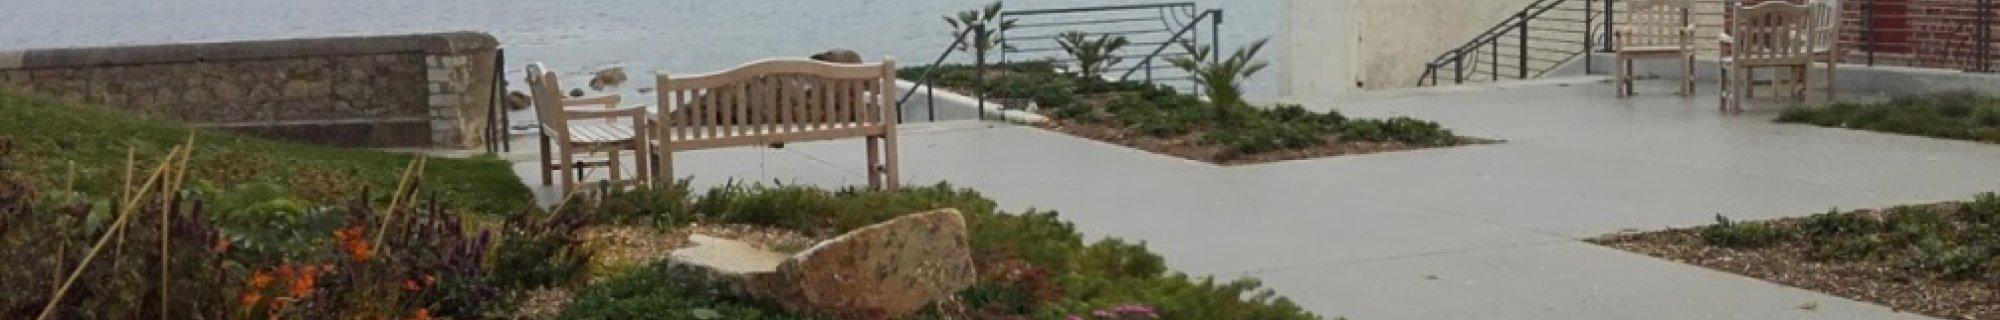 Otranto Seaside Gardens